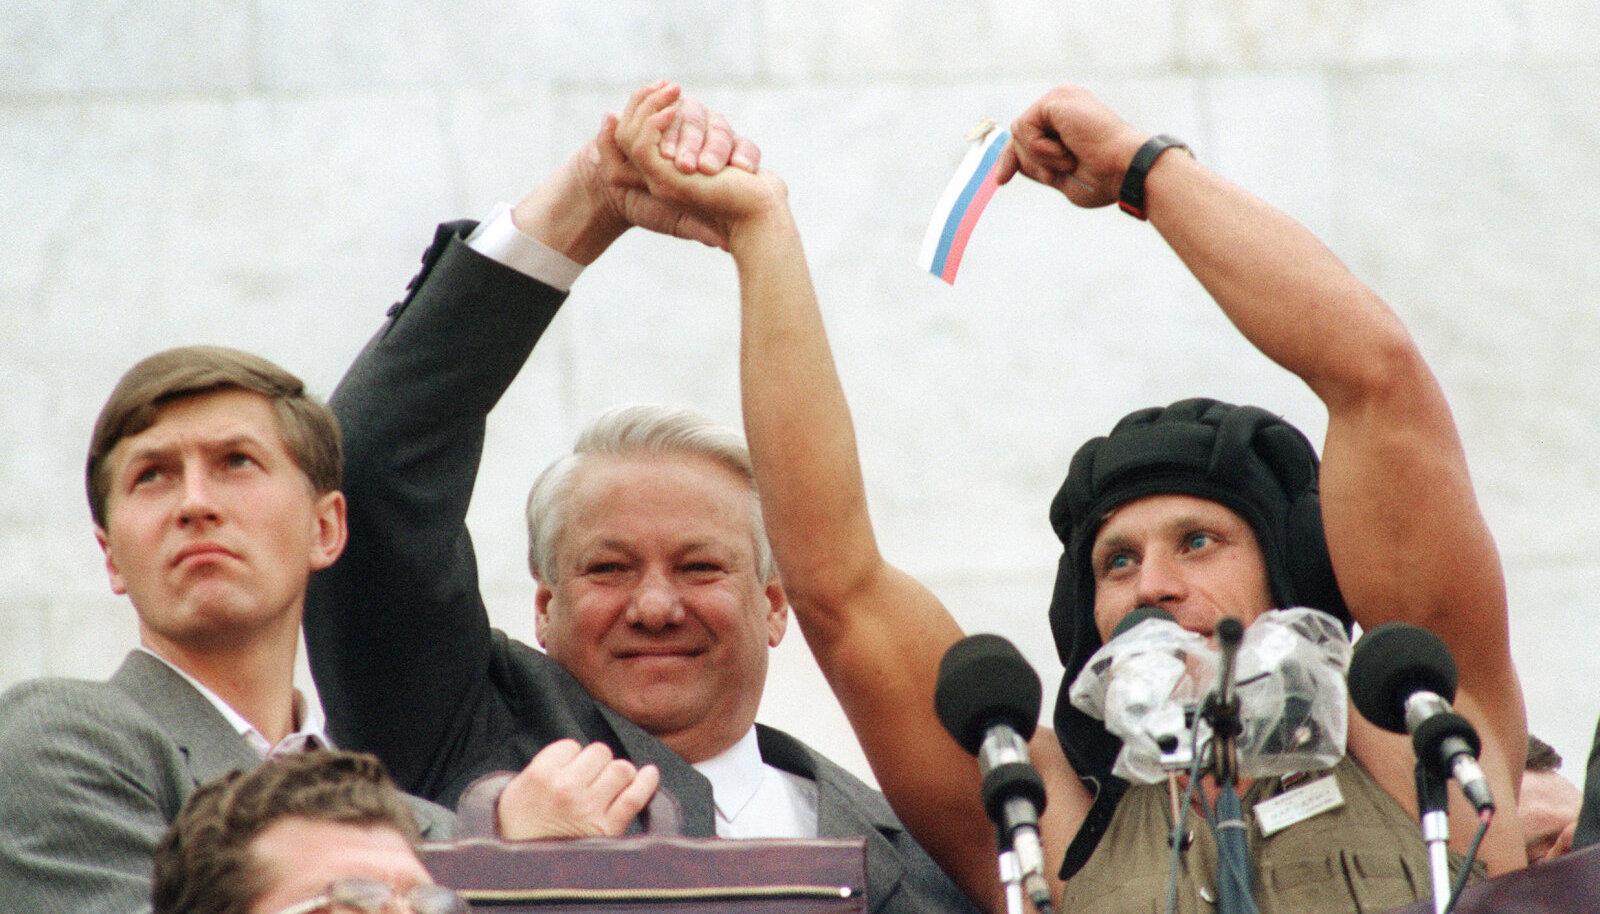 Jeltsinil õnnestus sõjaväelased ümber veenda.